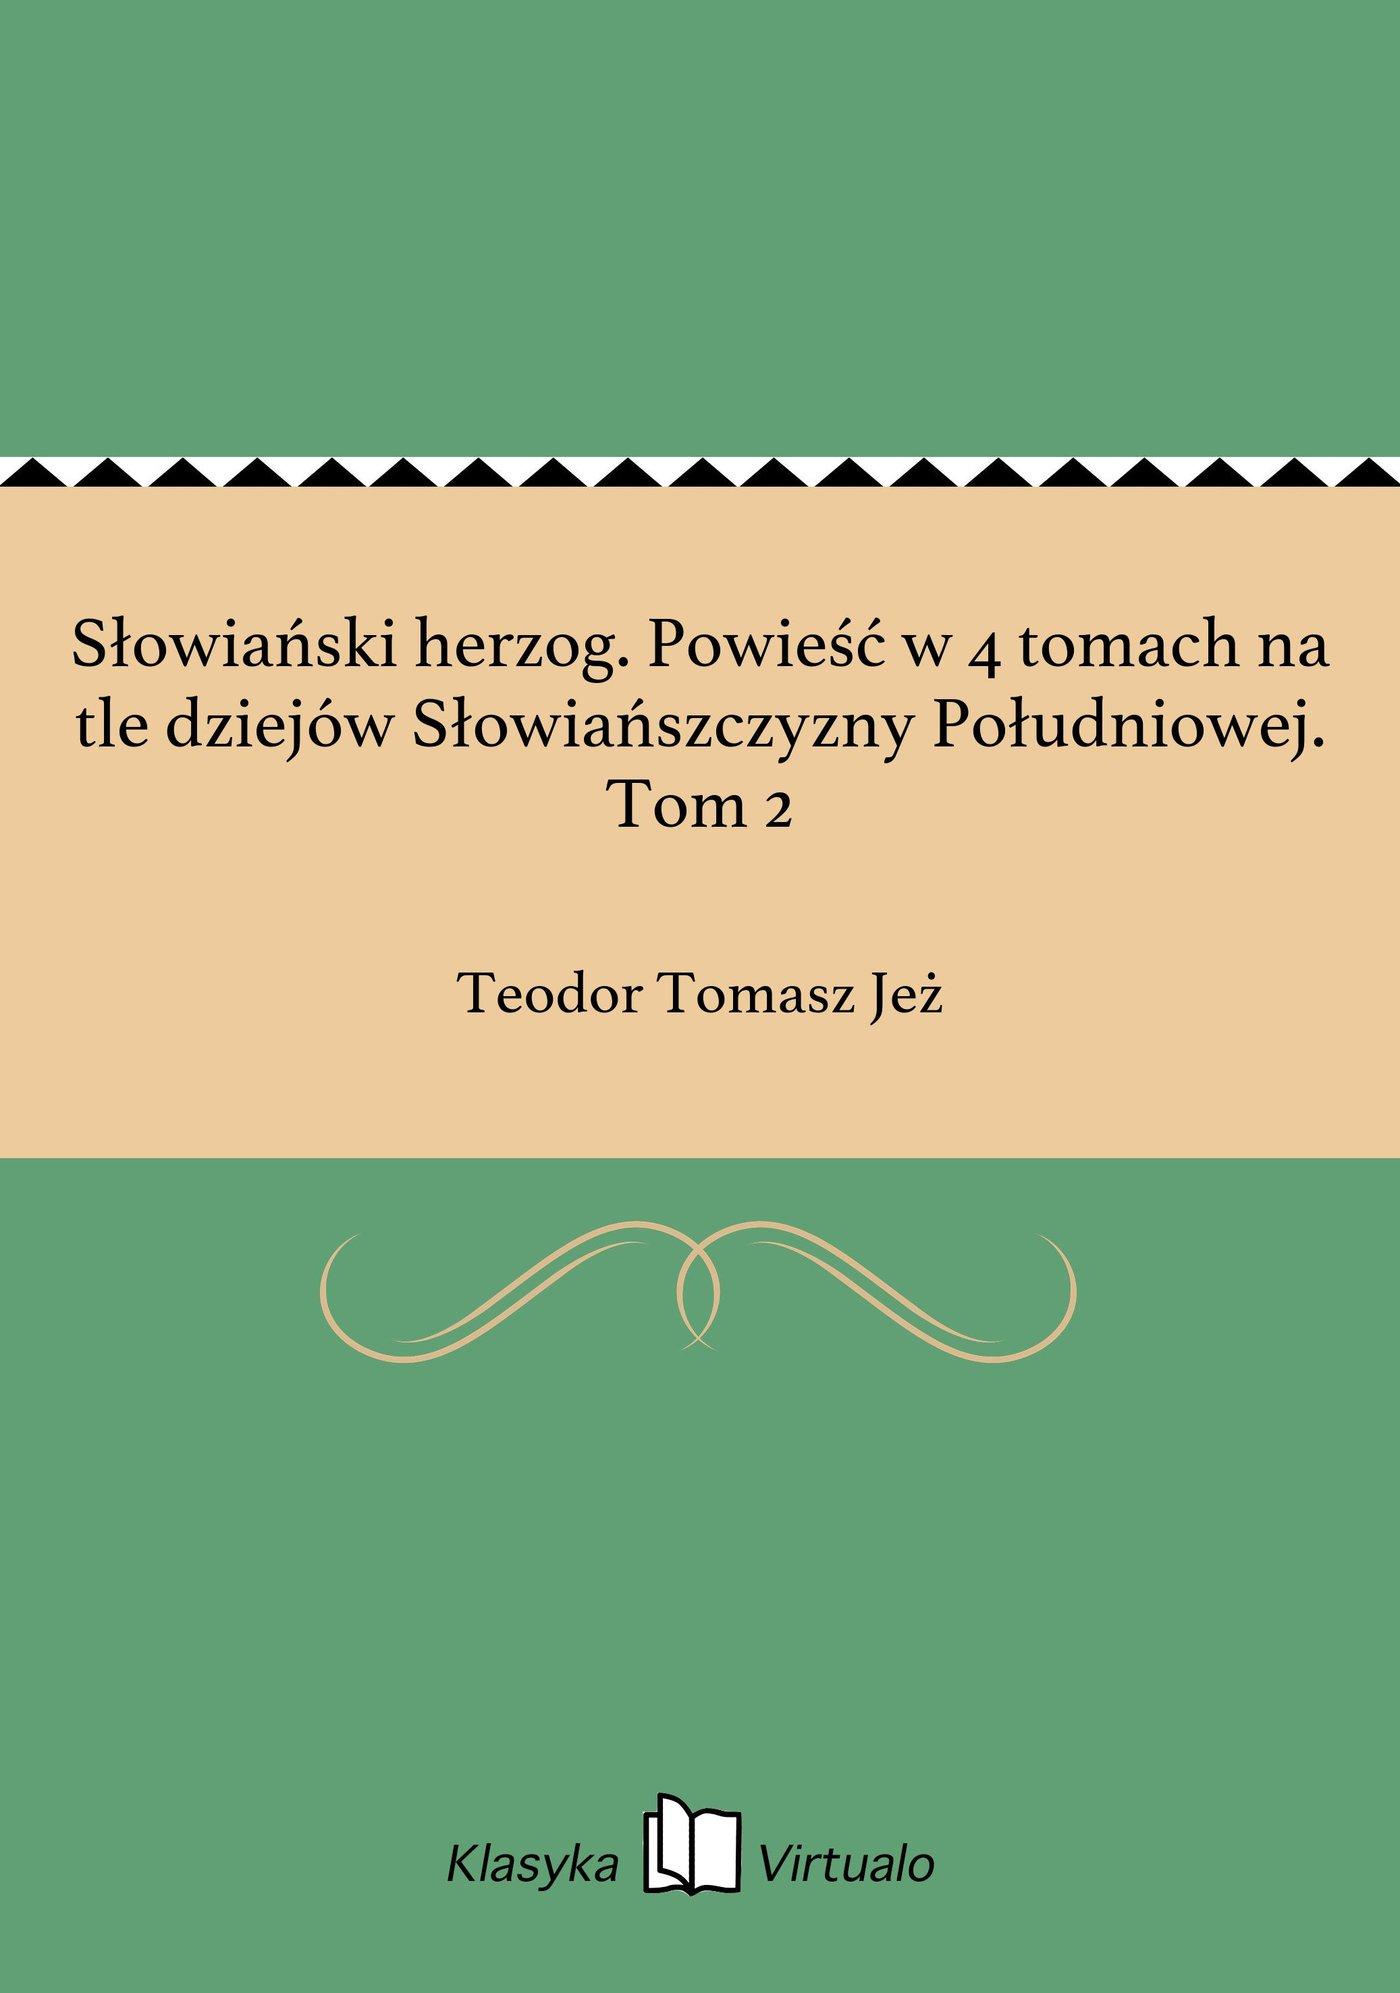 Słowiański herzog. Powieść w 4 tomach na tle dziejów Słowiańszczyzny Południowej. Tom 2 - Ebook (Książka na Kindle) do pobrania w formacie MOBI